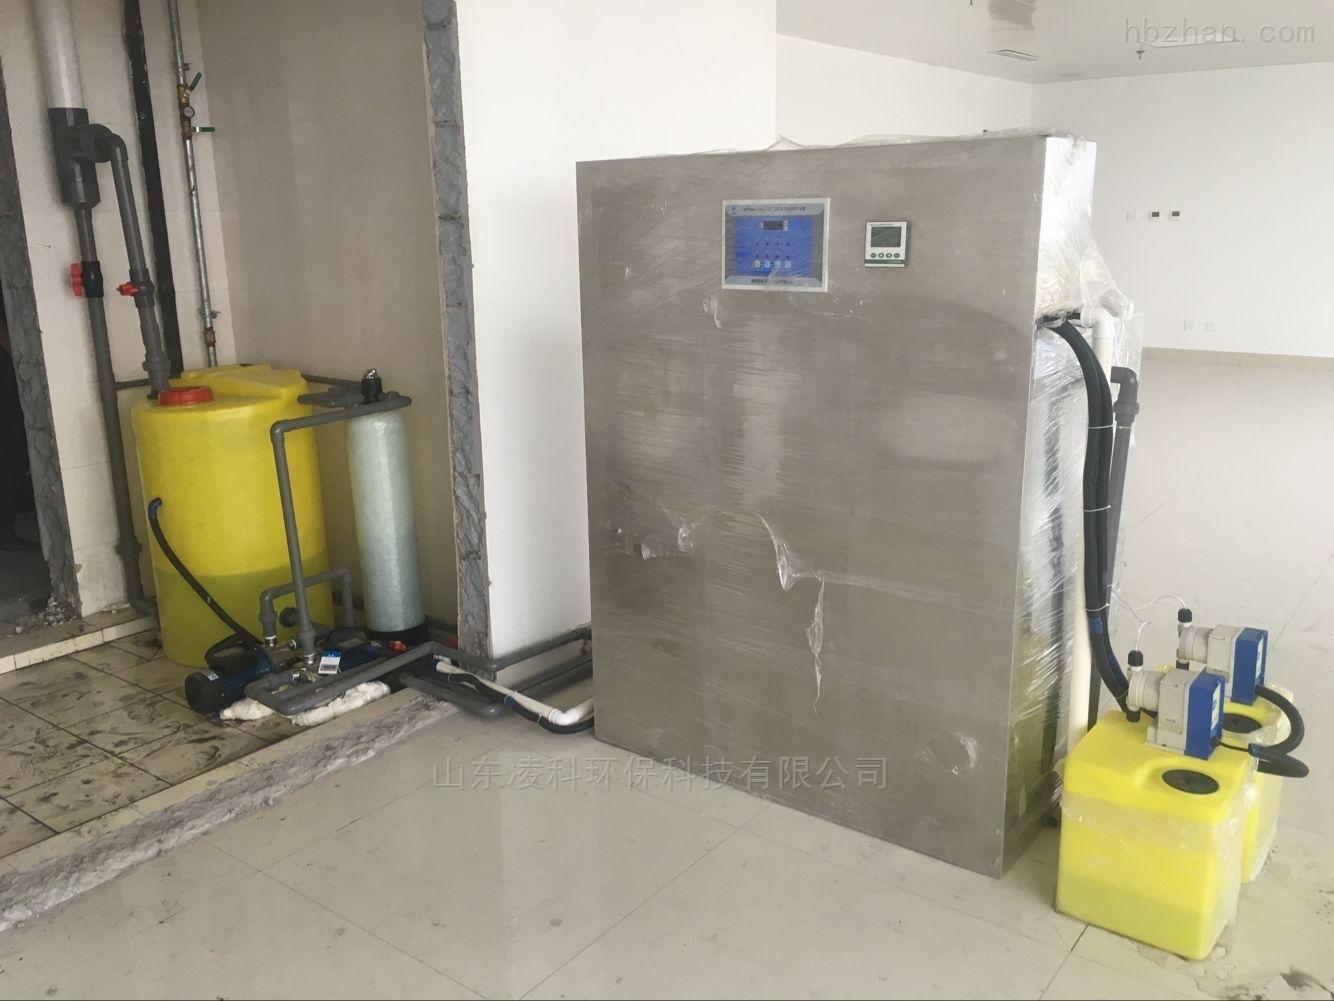 环保中学实验室污水处理设备怎么选择